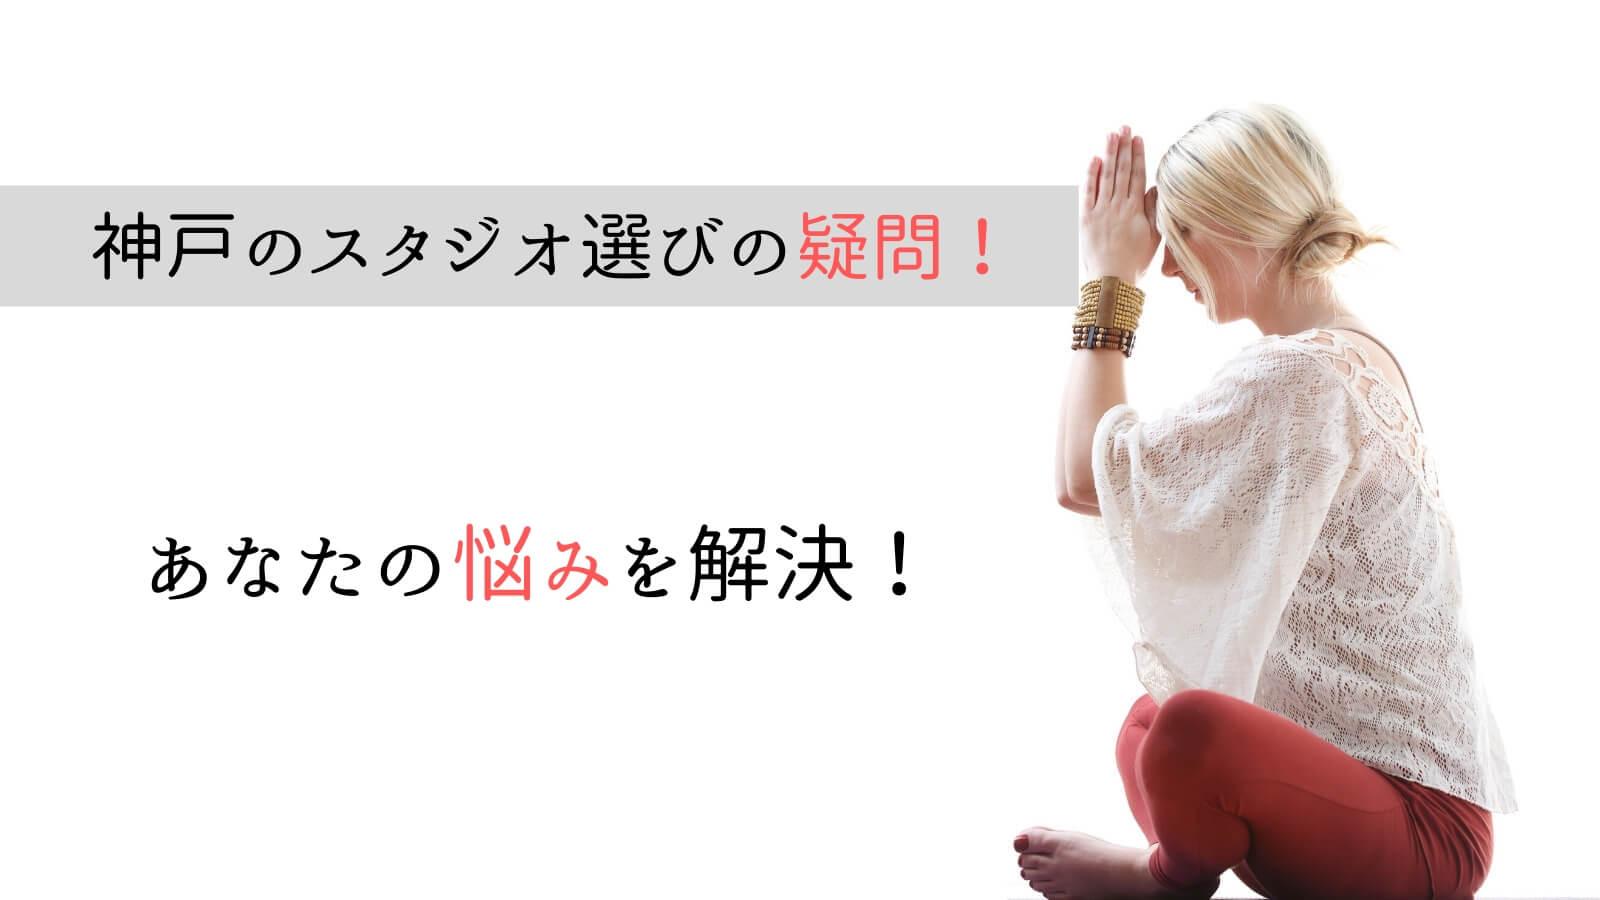 神戸でのヨガスタジオ選びに関するQ&A